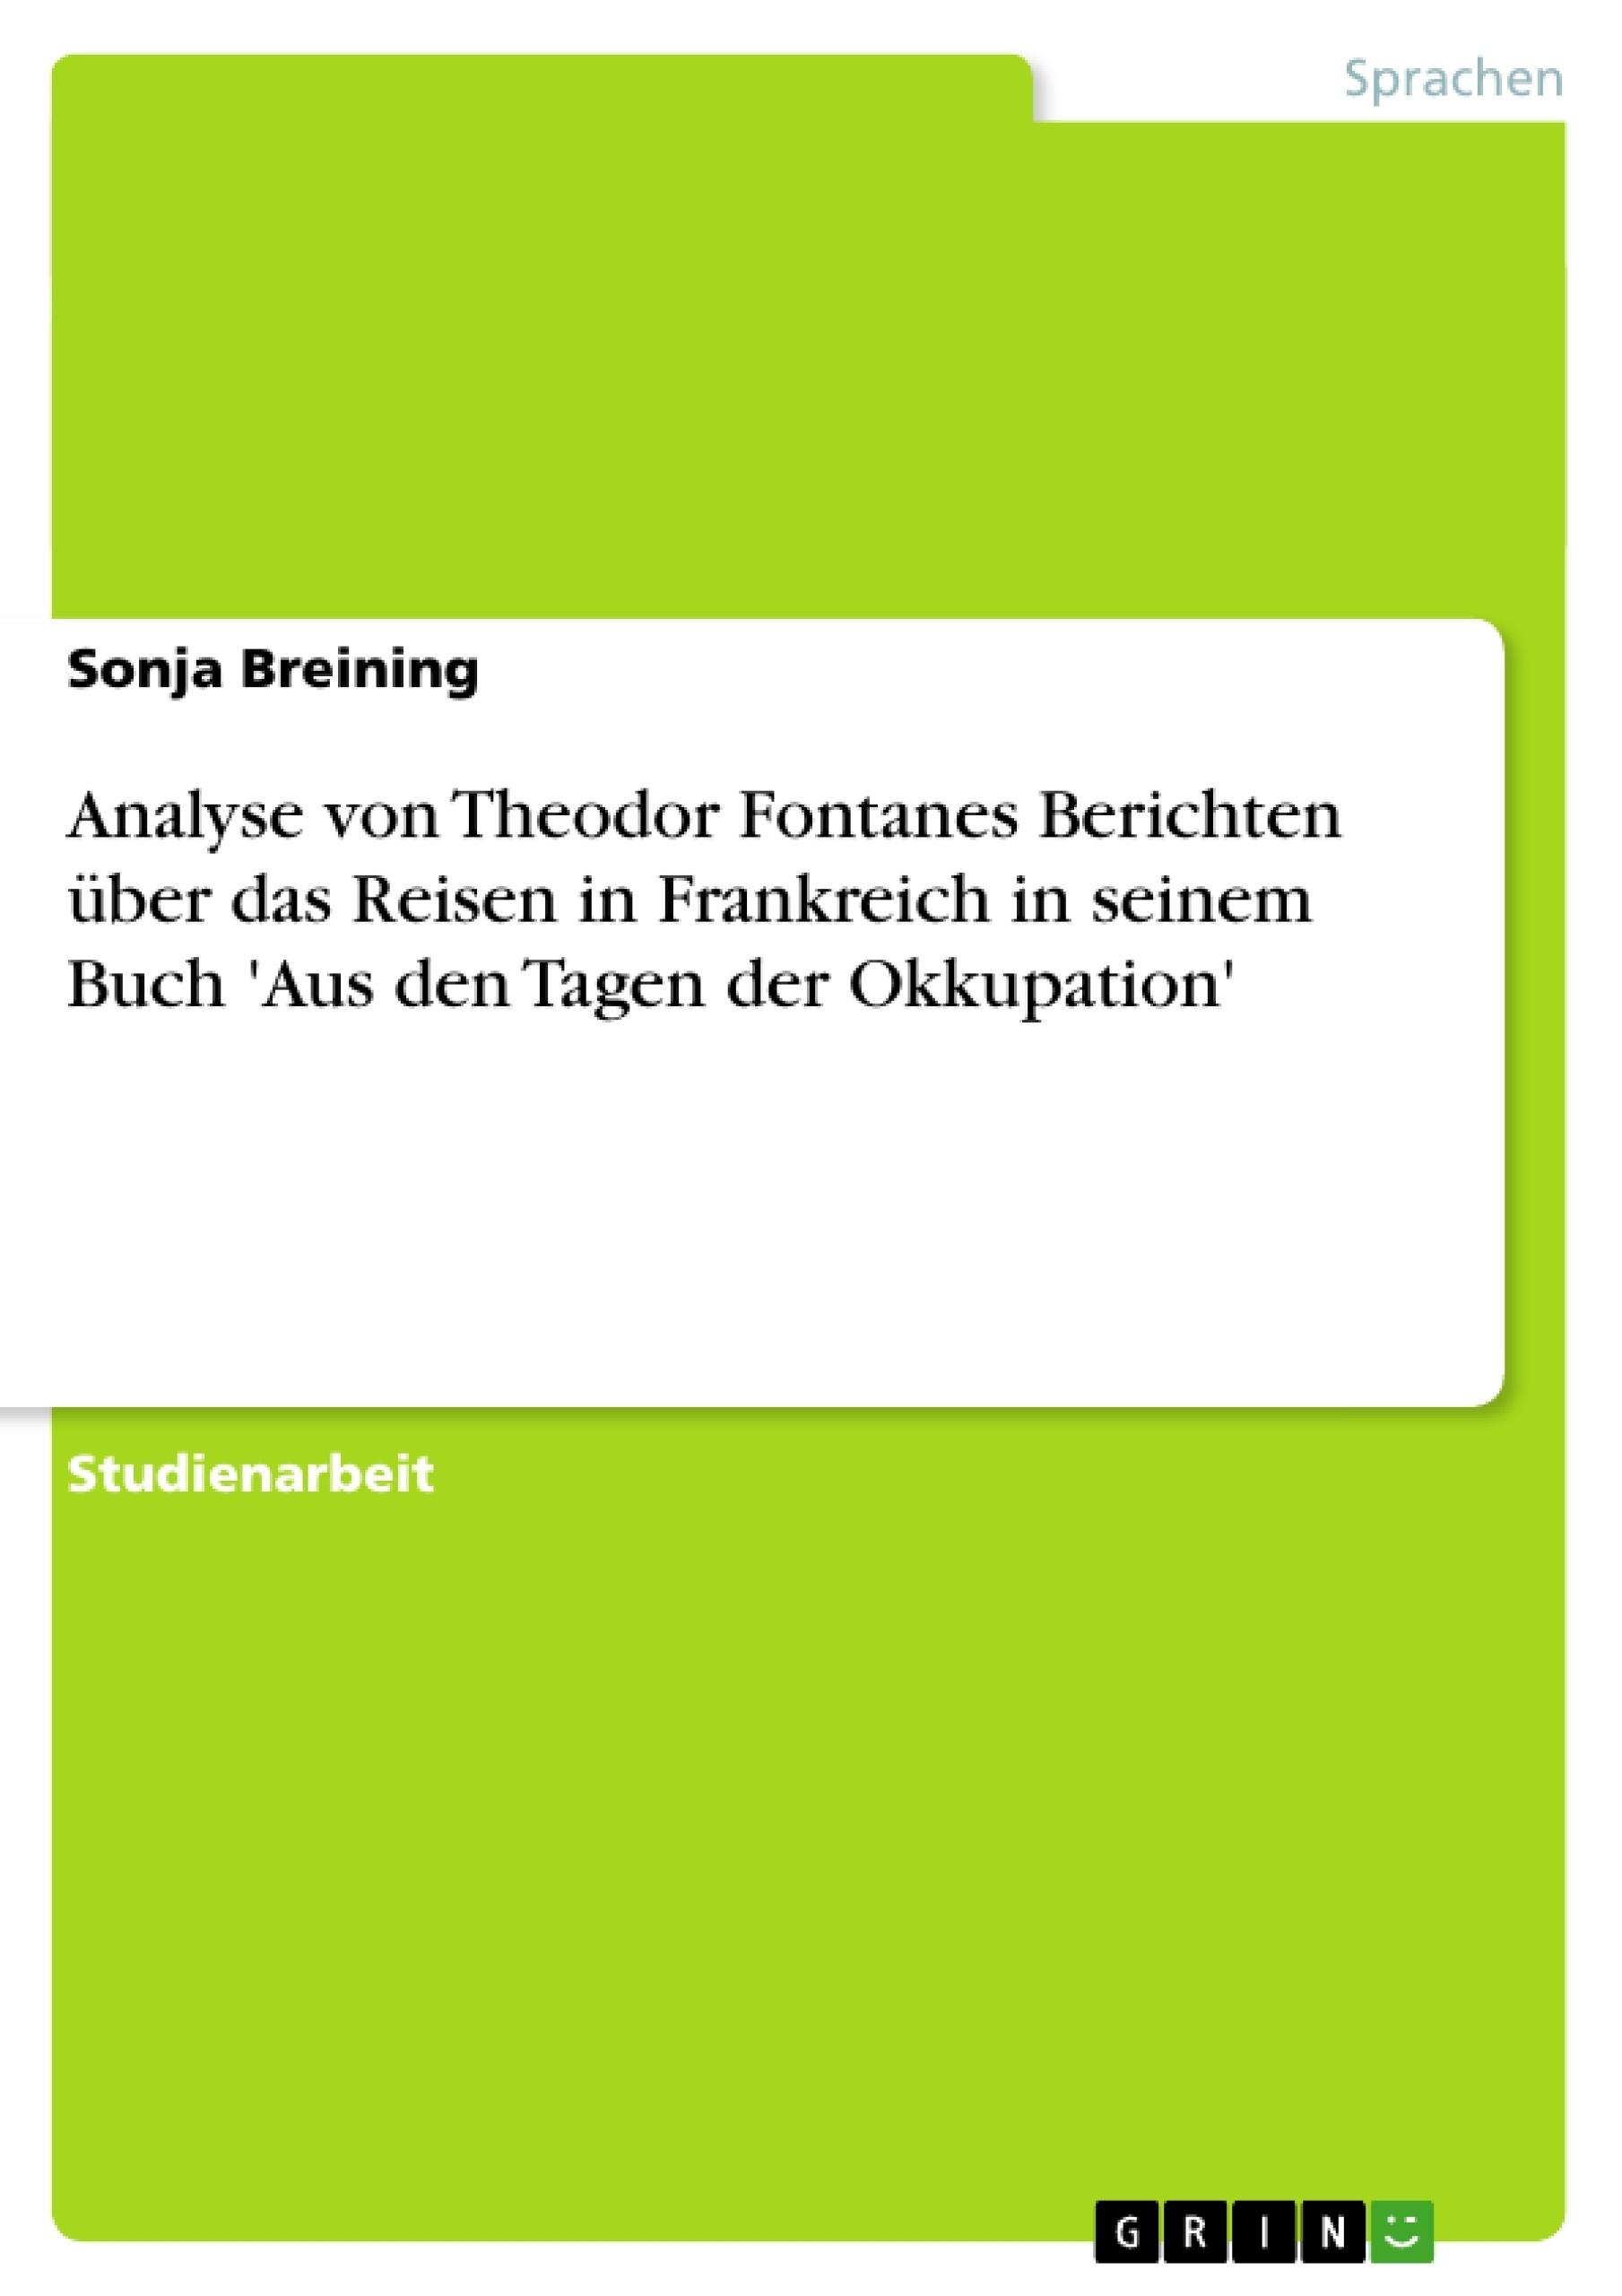 Titel: Analyse von Theodor Fontanes Berichten über das Reisen in Frankreich in seinem Buch 'Aus den Tagen der Okkupation'